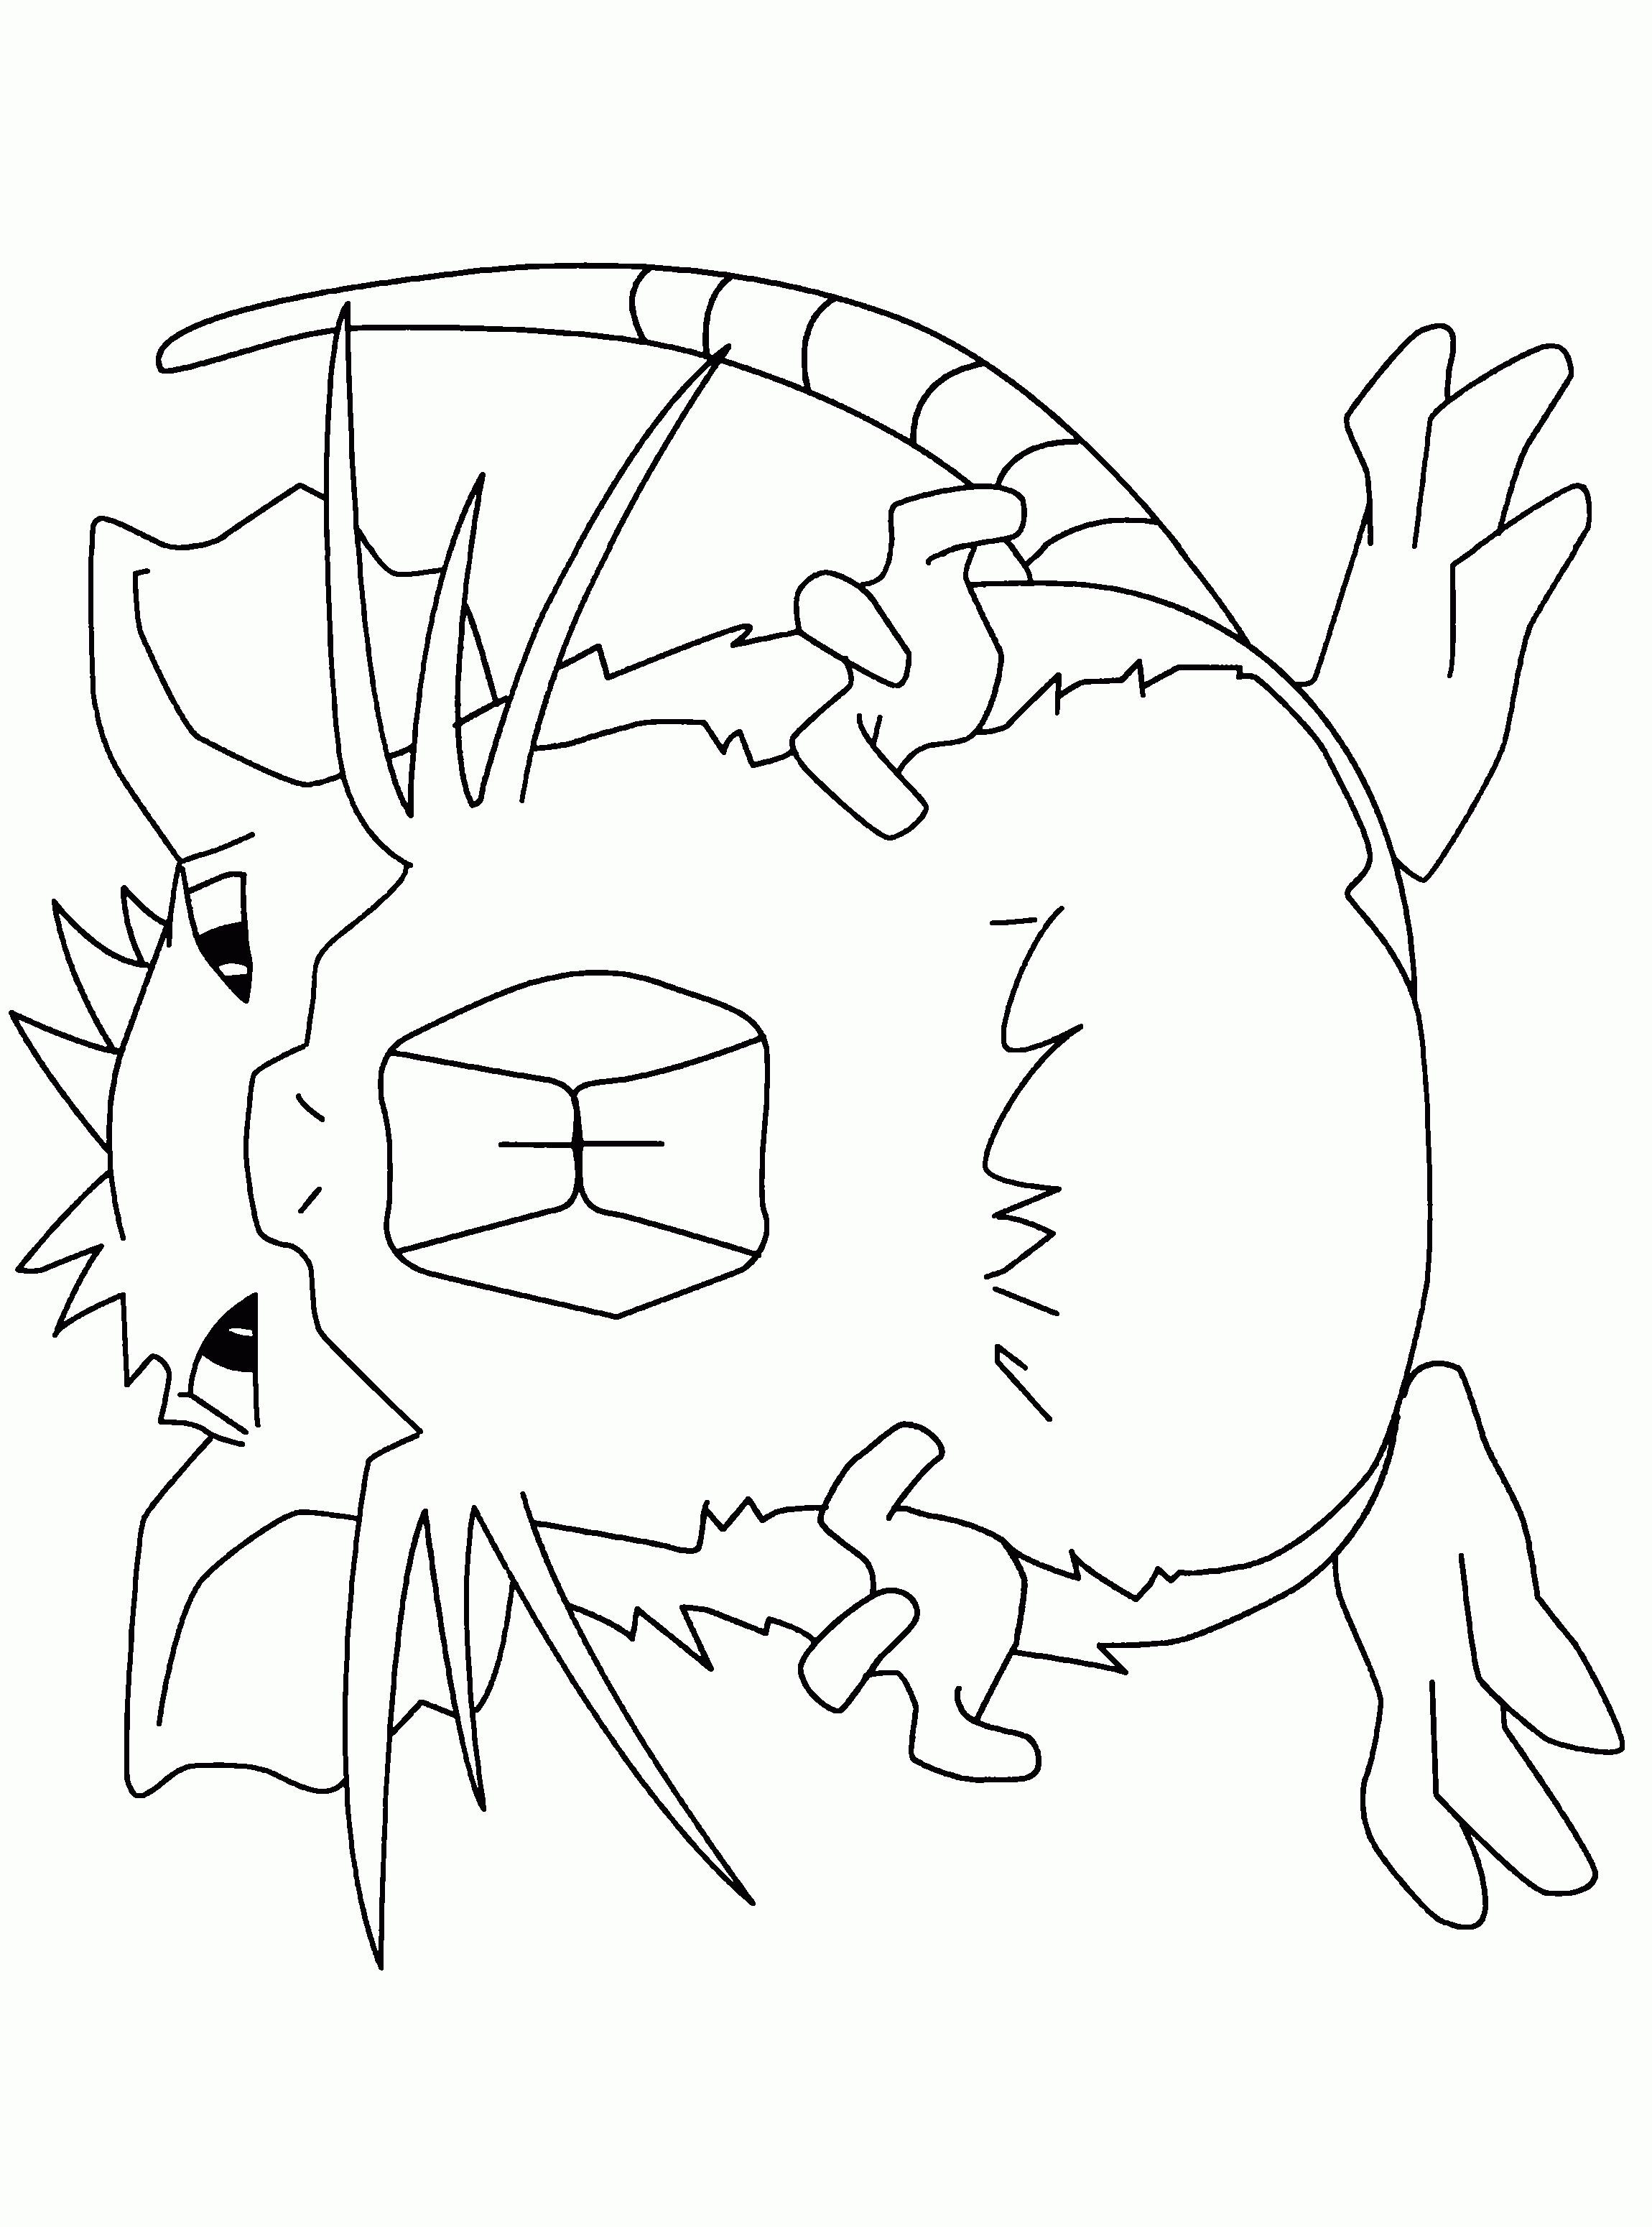 Ausmalbilder Pokemon Ausdrucken Einzigartig Malvorlagen Malvorlagen Pokemon Galerie